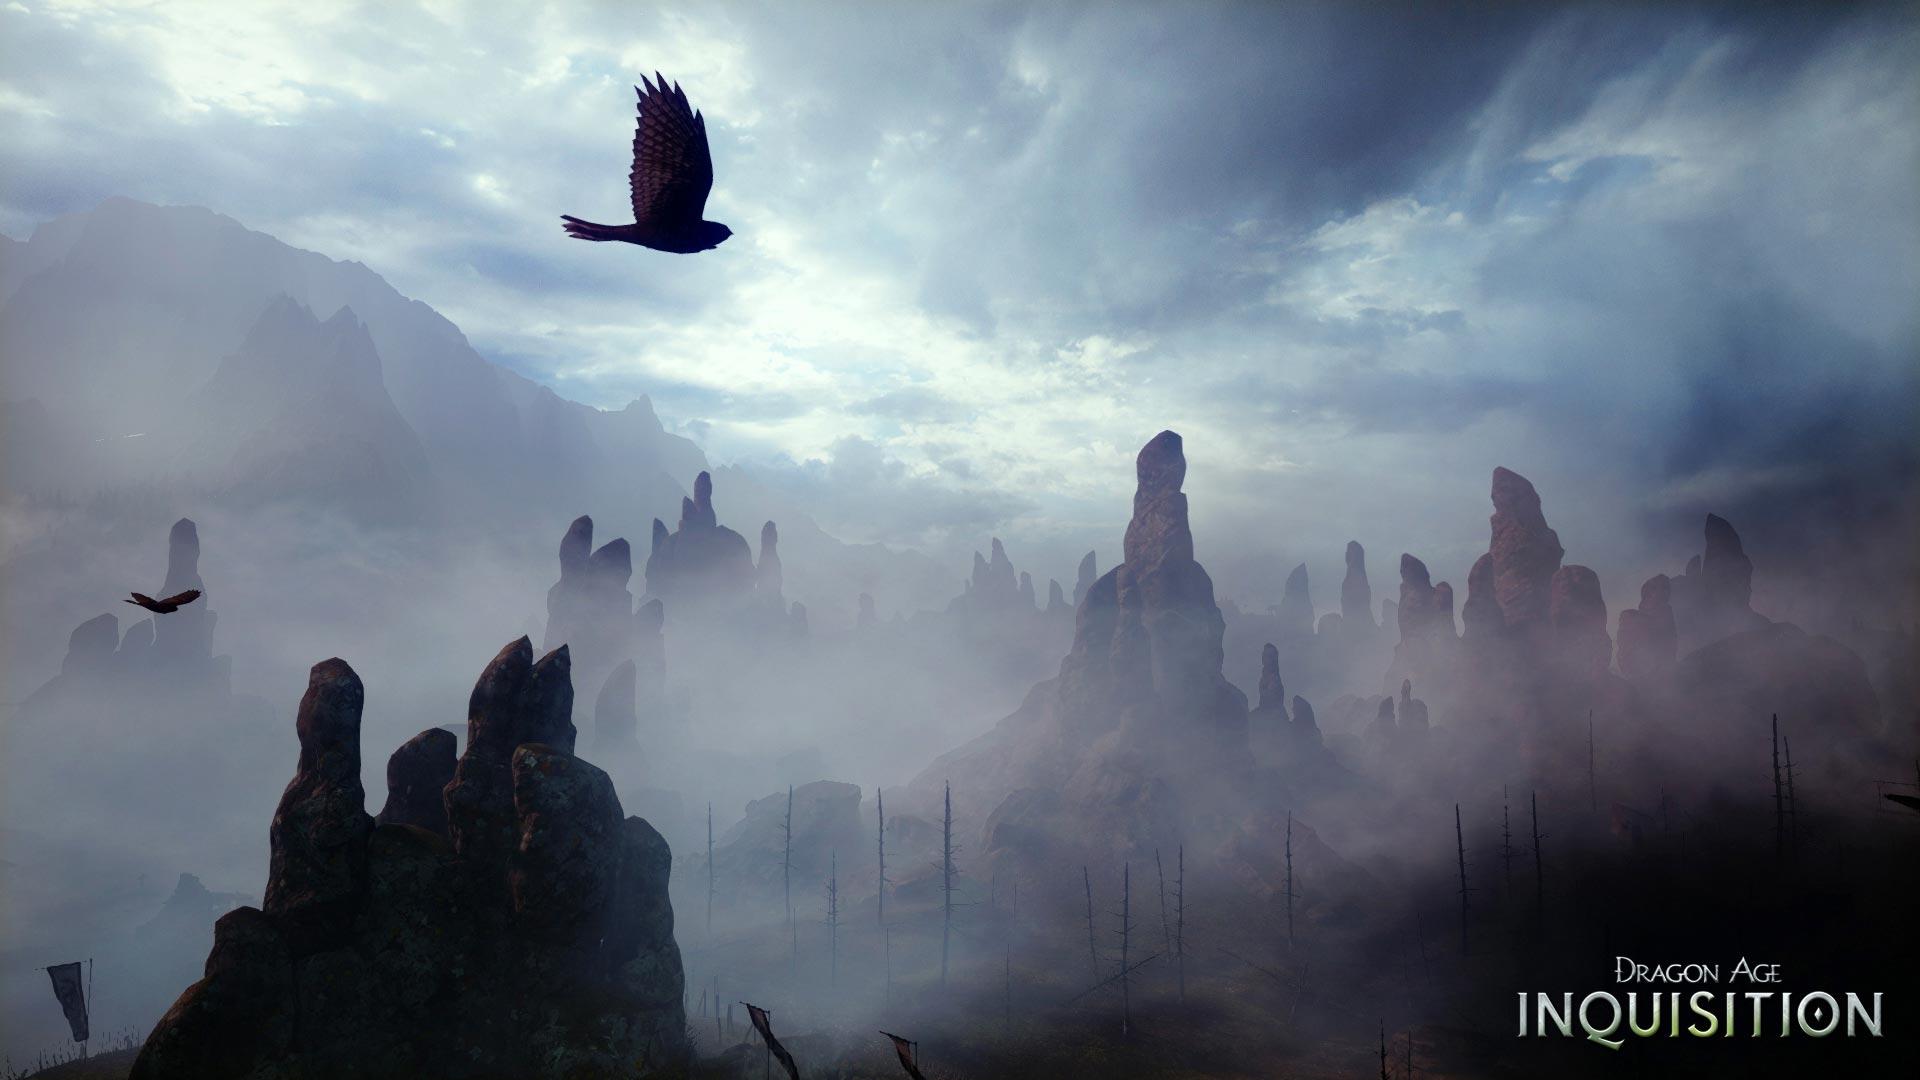 dragon landscape scenic wallpaper - photo #39